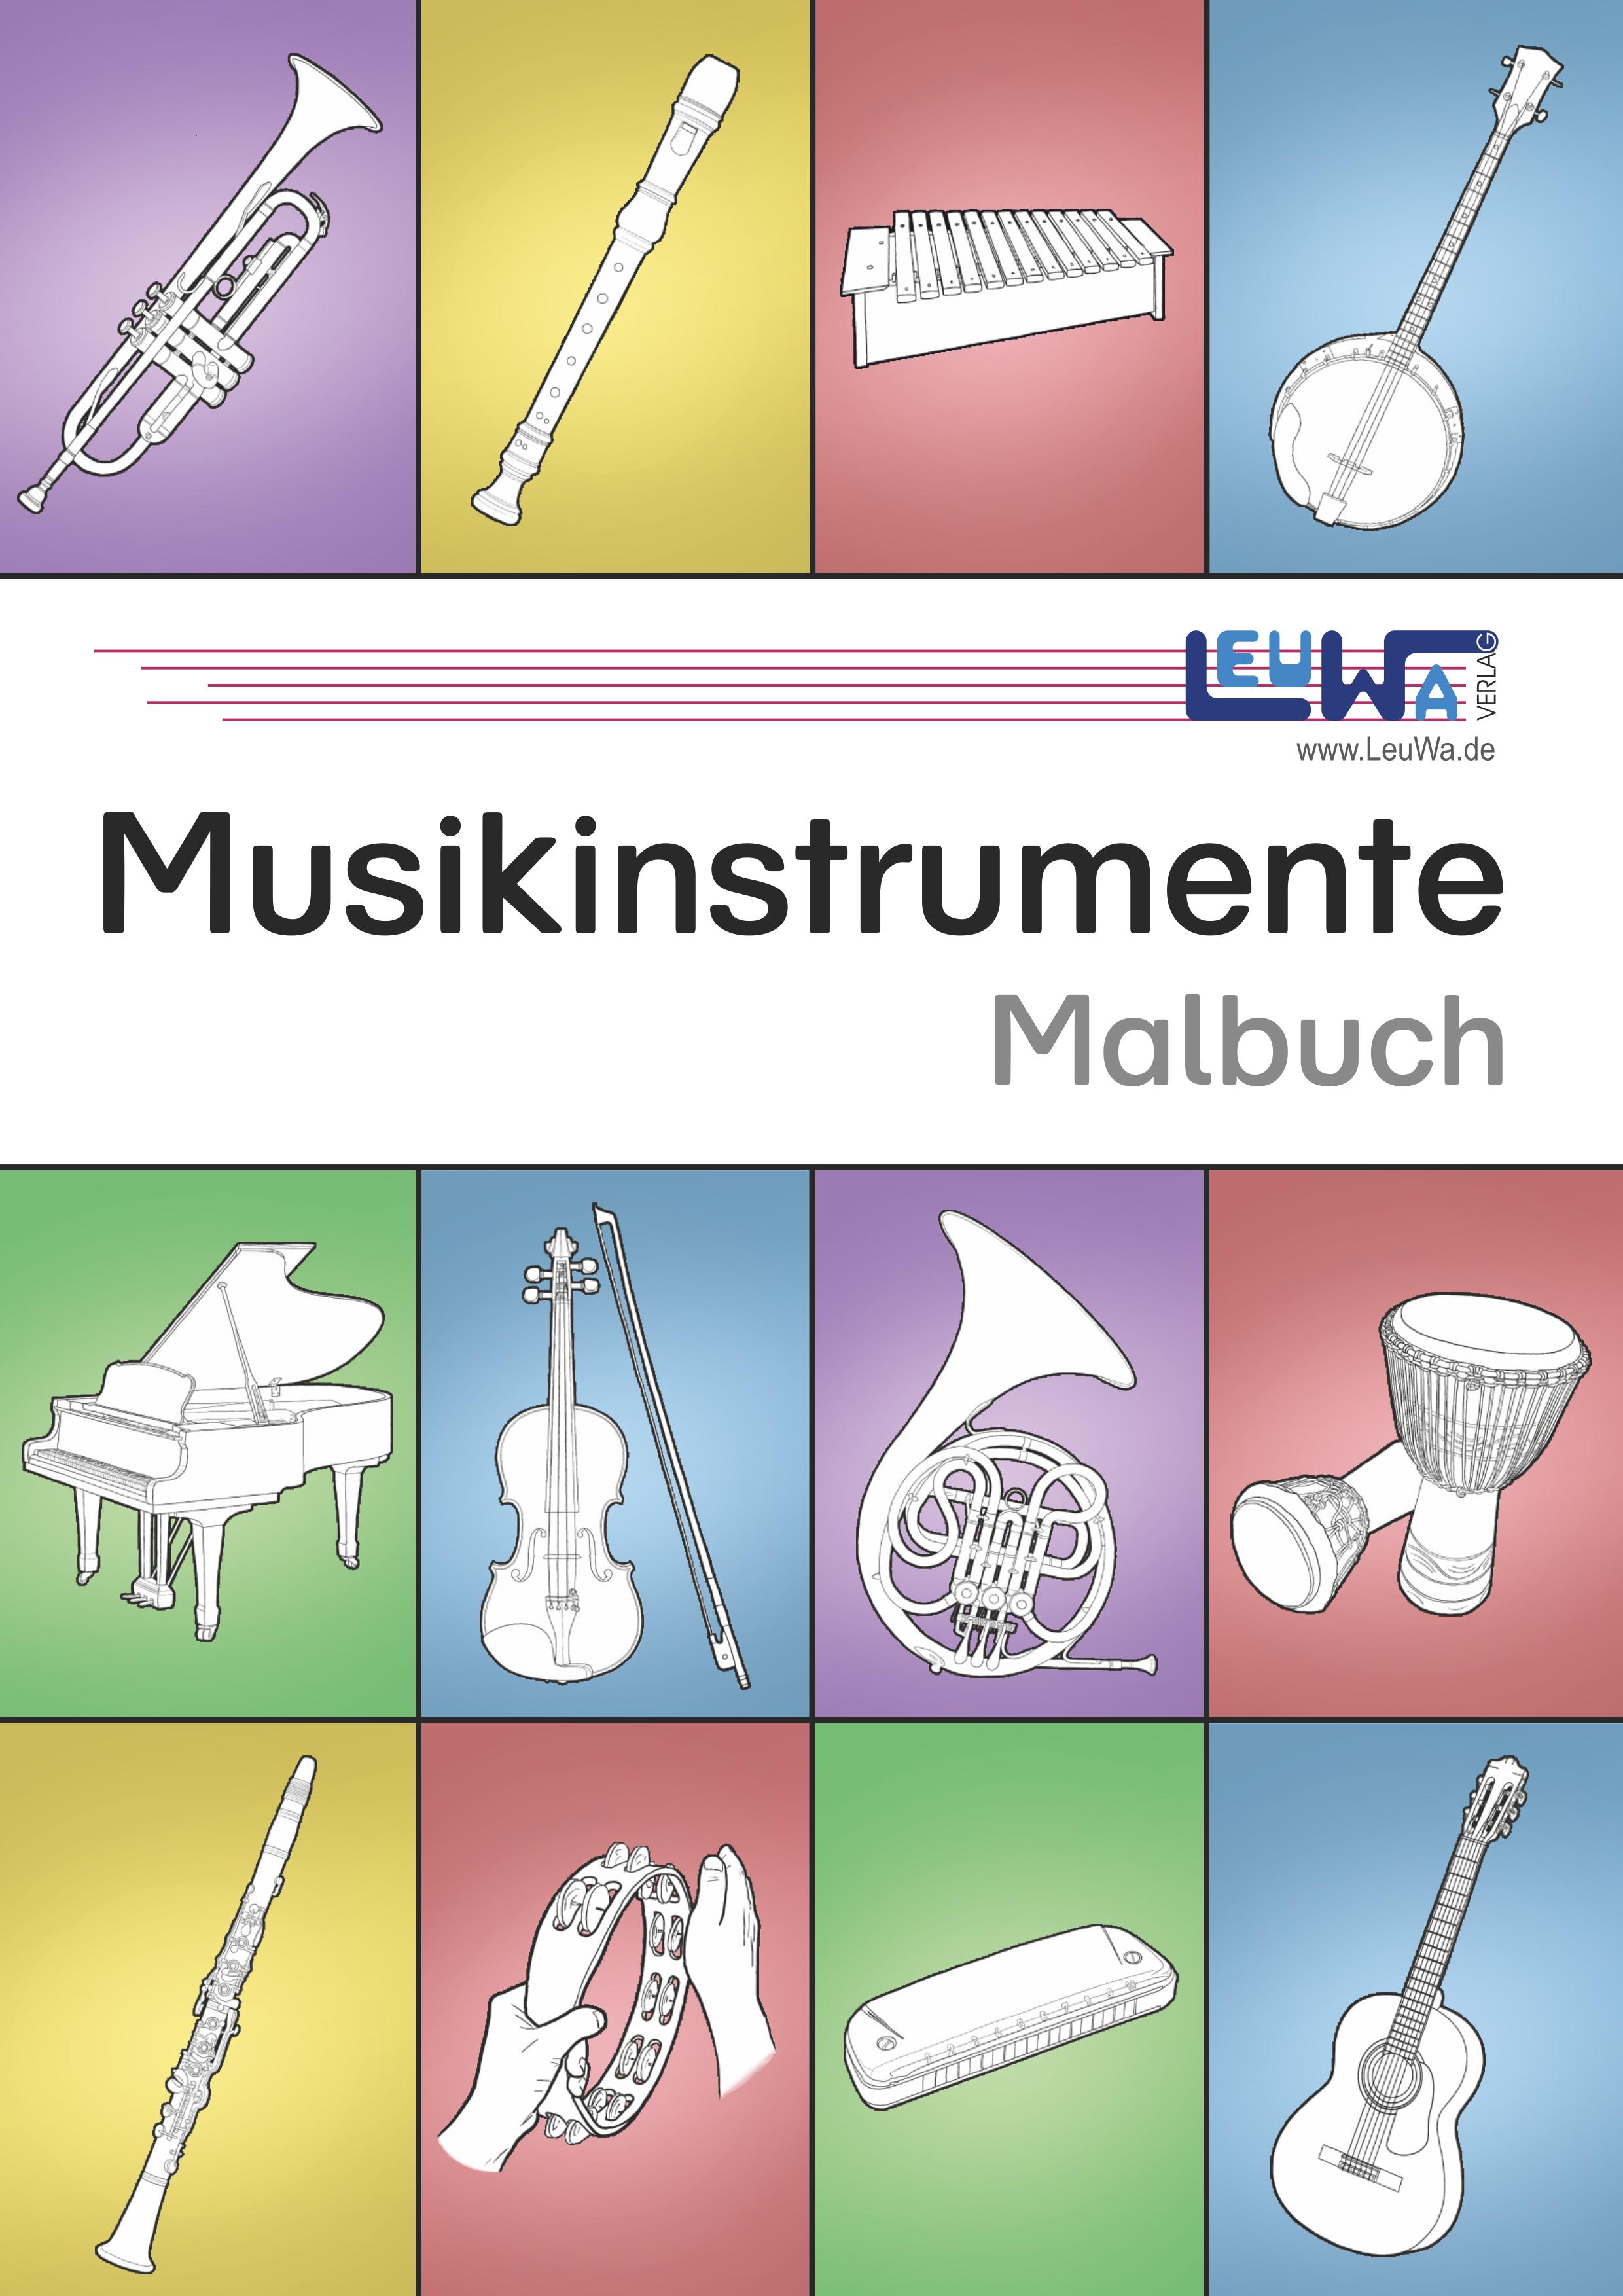 Musikinstrumente Malbuch Unterrichtsmaterial Im Fach Musik Musik Musikinstrumente Wenn Du Mal Buch